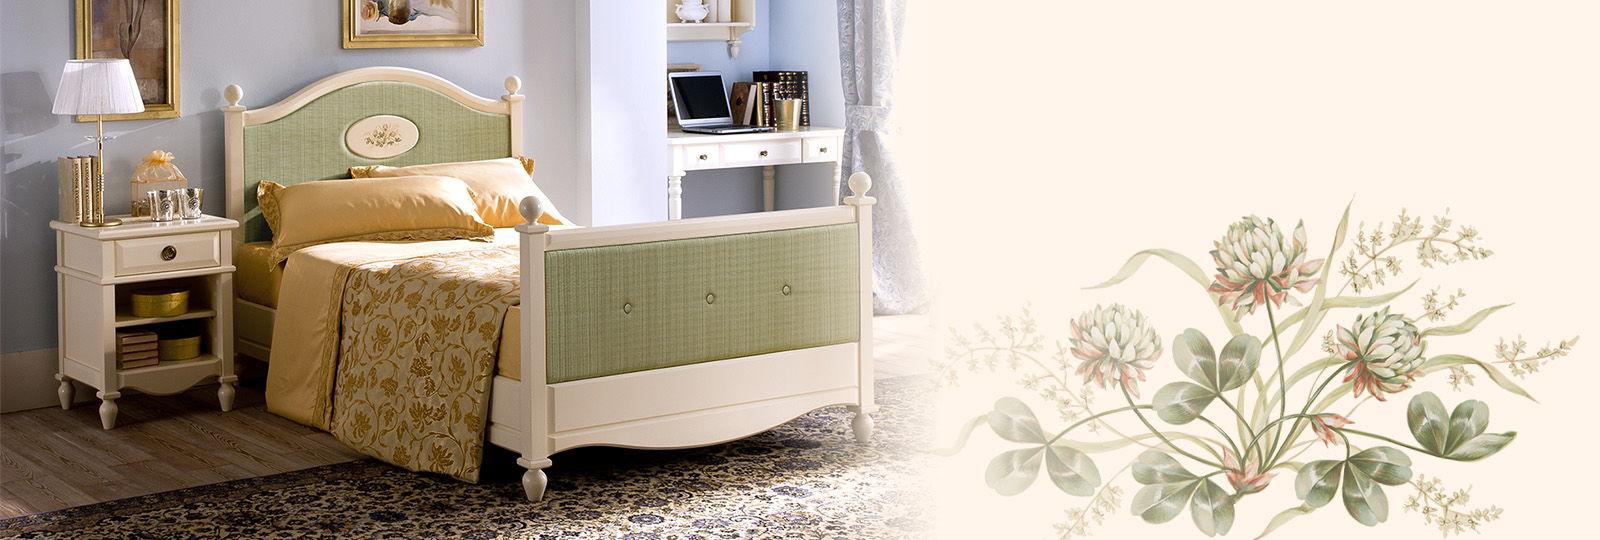 Детская кровать Woodright – колыбель здоровья и место для сладких снов